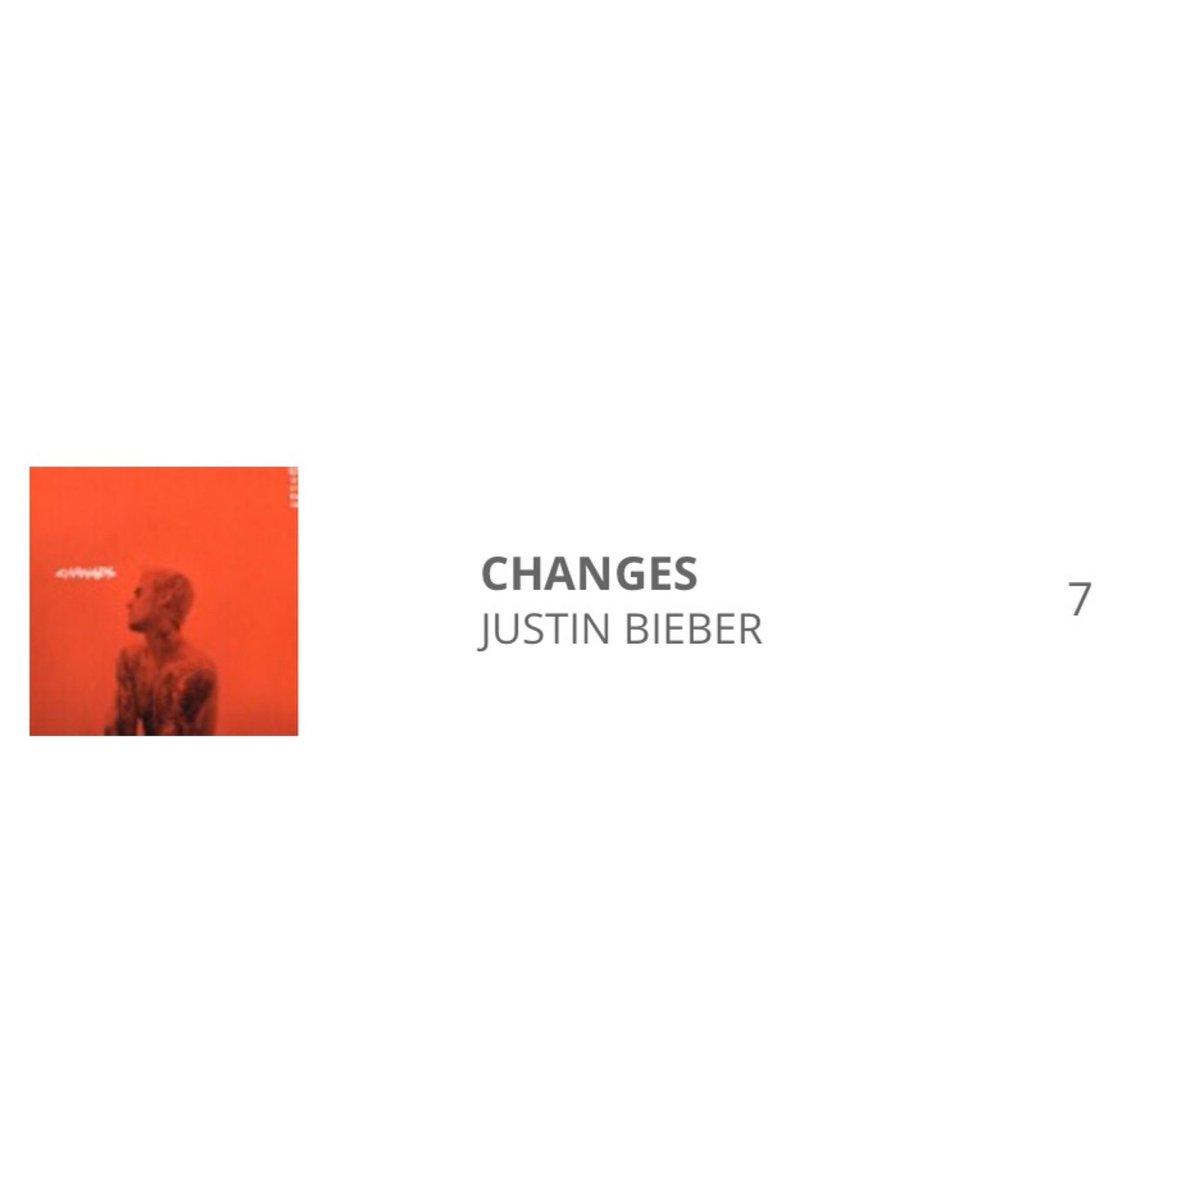 #Changes ha debuttato alla 7º posizione nella classifica italiana degli album più venduti della settimana.